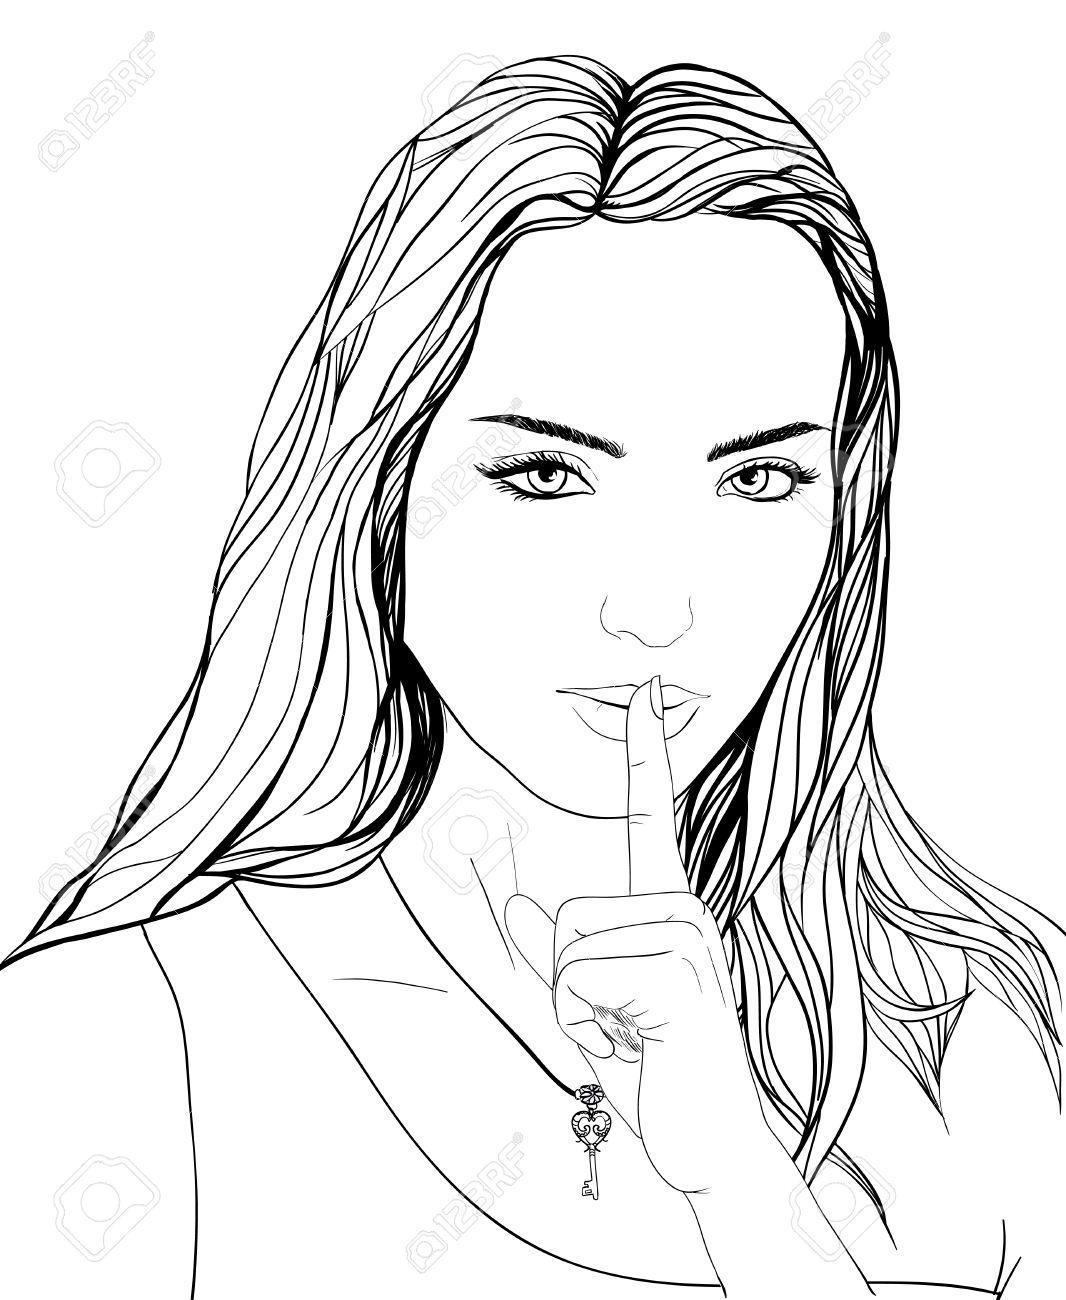 Gezeichnet Portrat Junge Frau Finger Auf Den Lippen